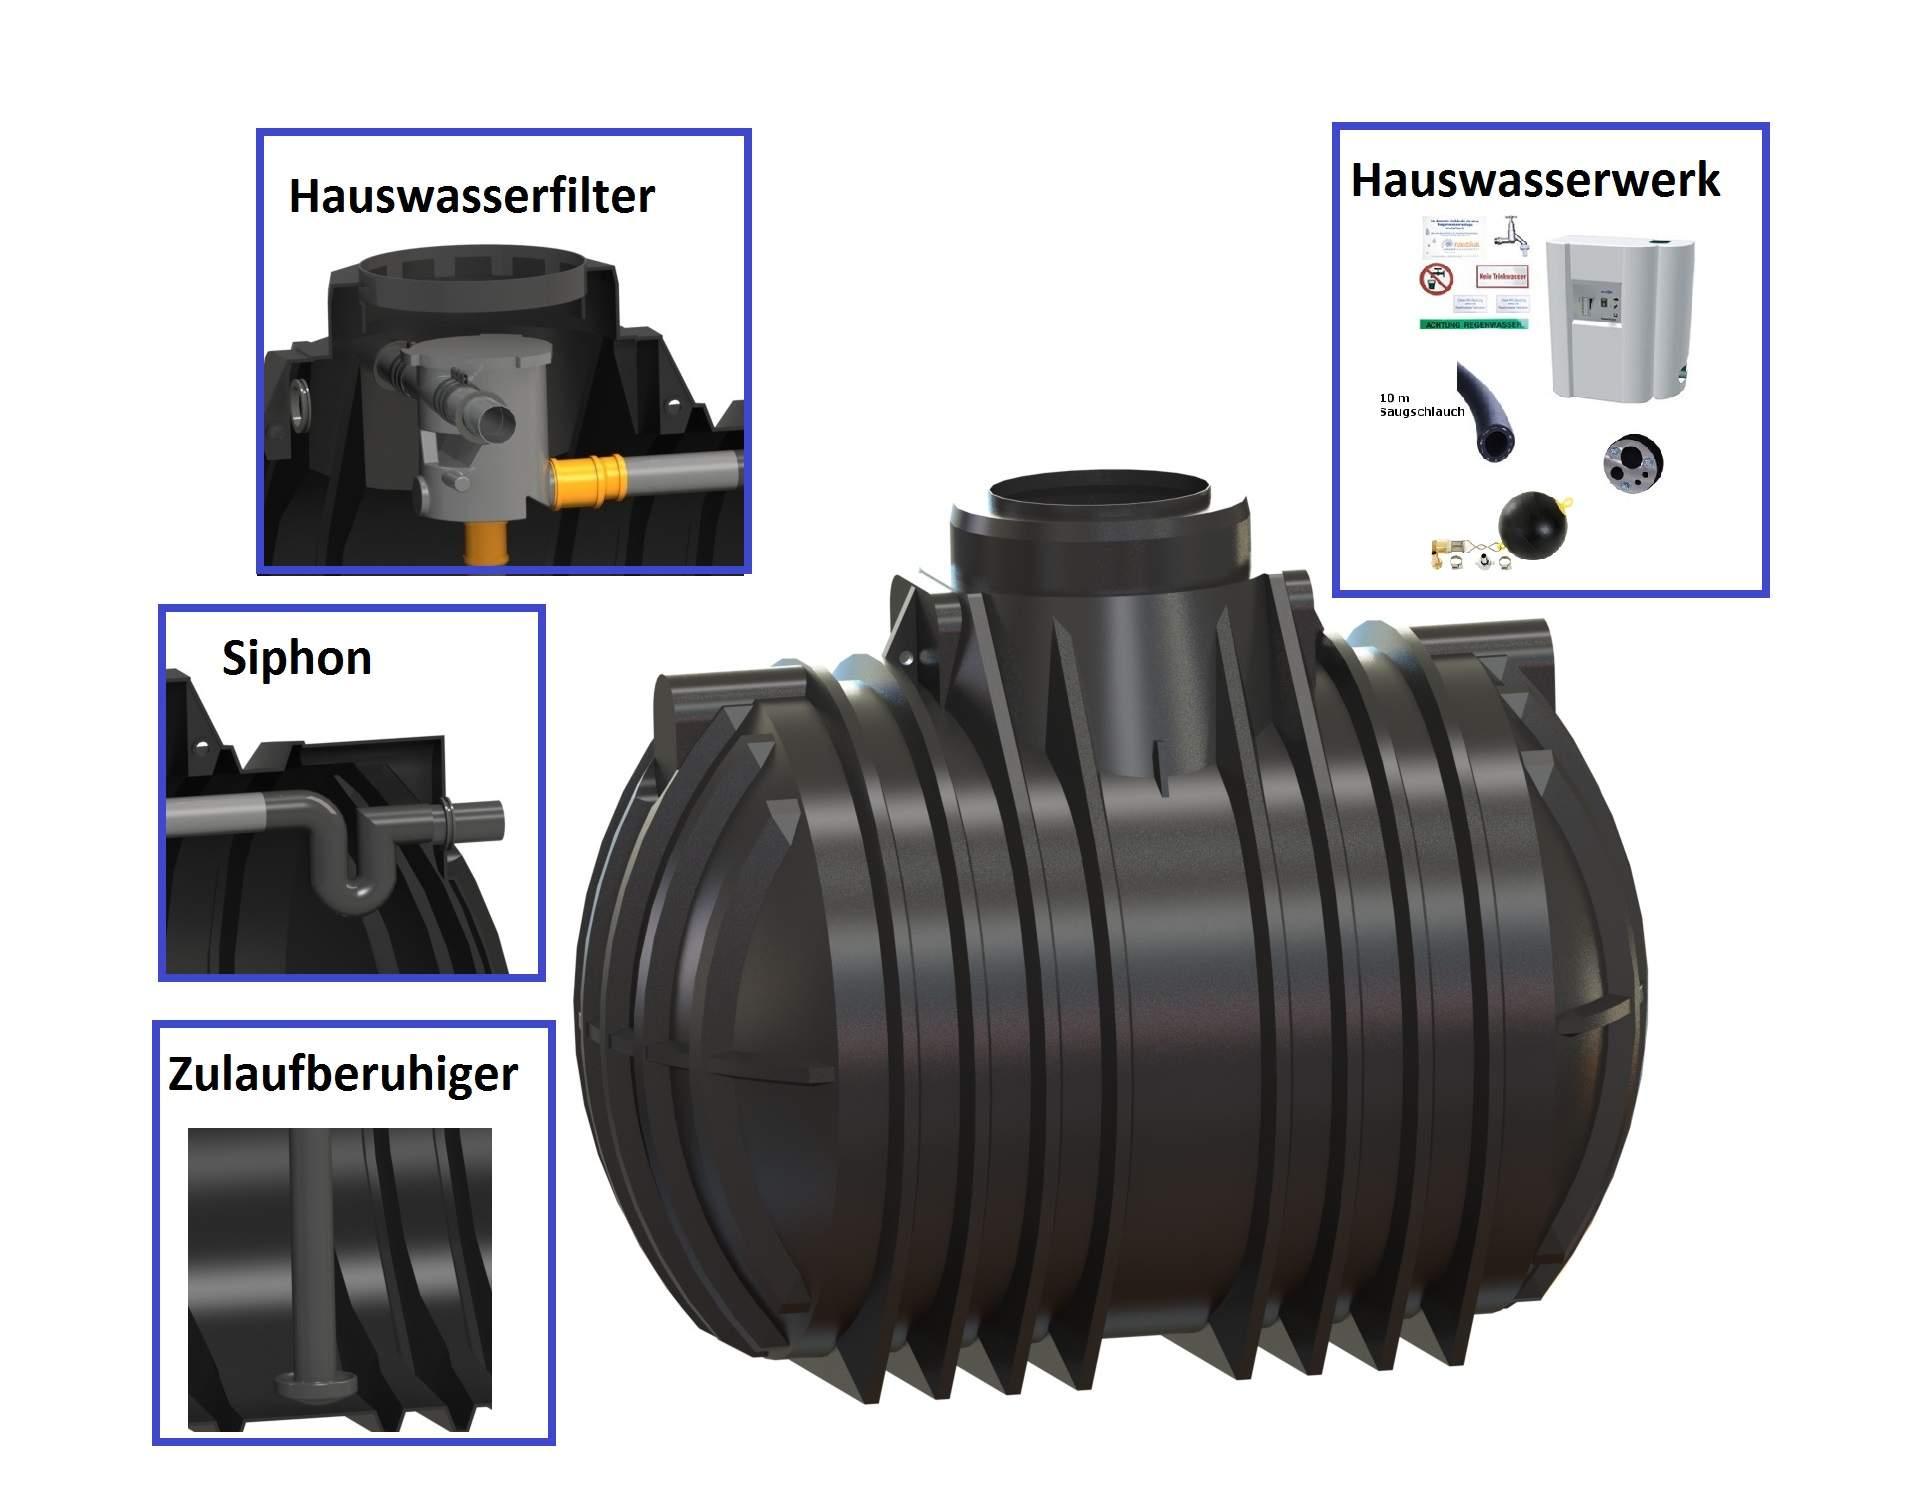 35 7001 0080 RM10 Atlantis 7000 Liter Hauswasseranlage